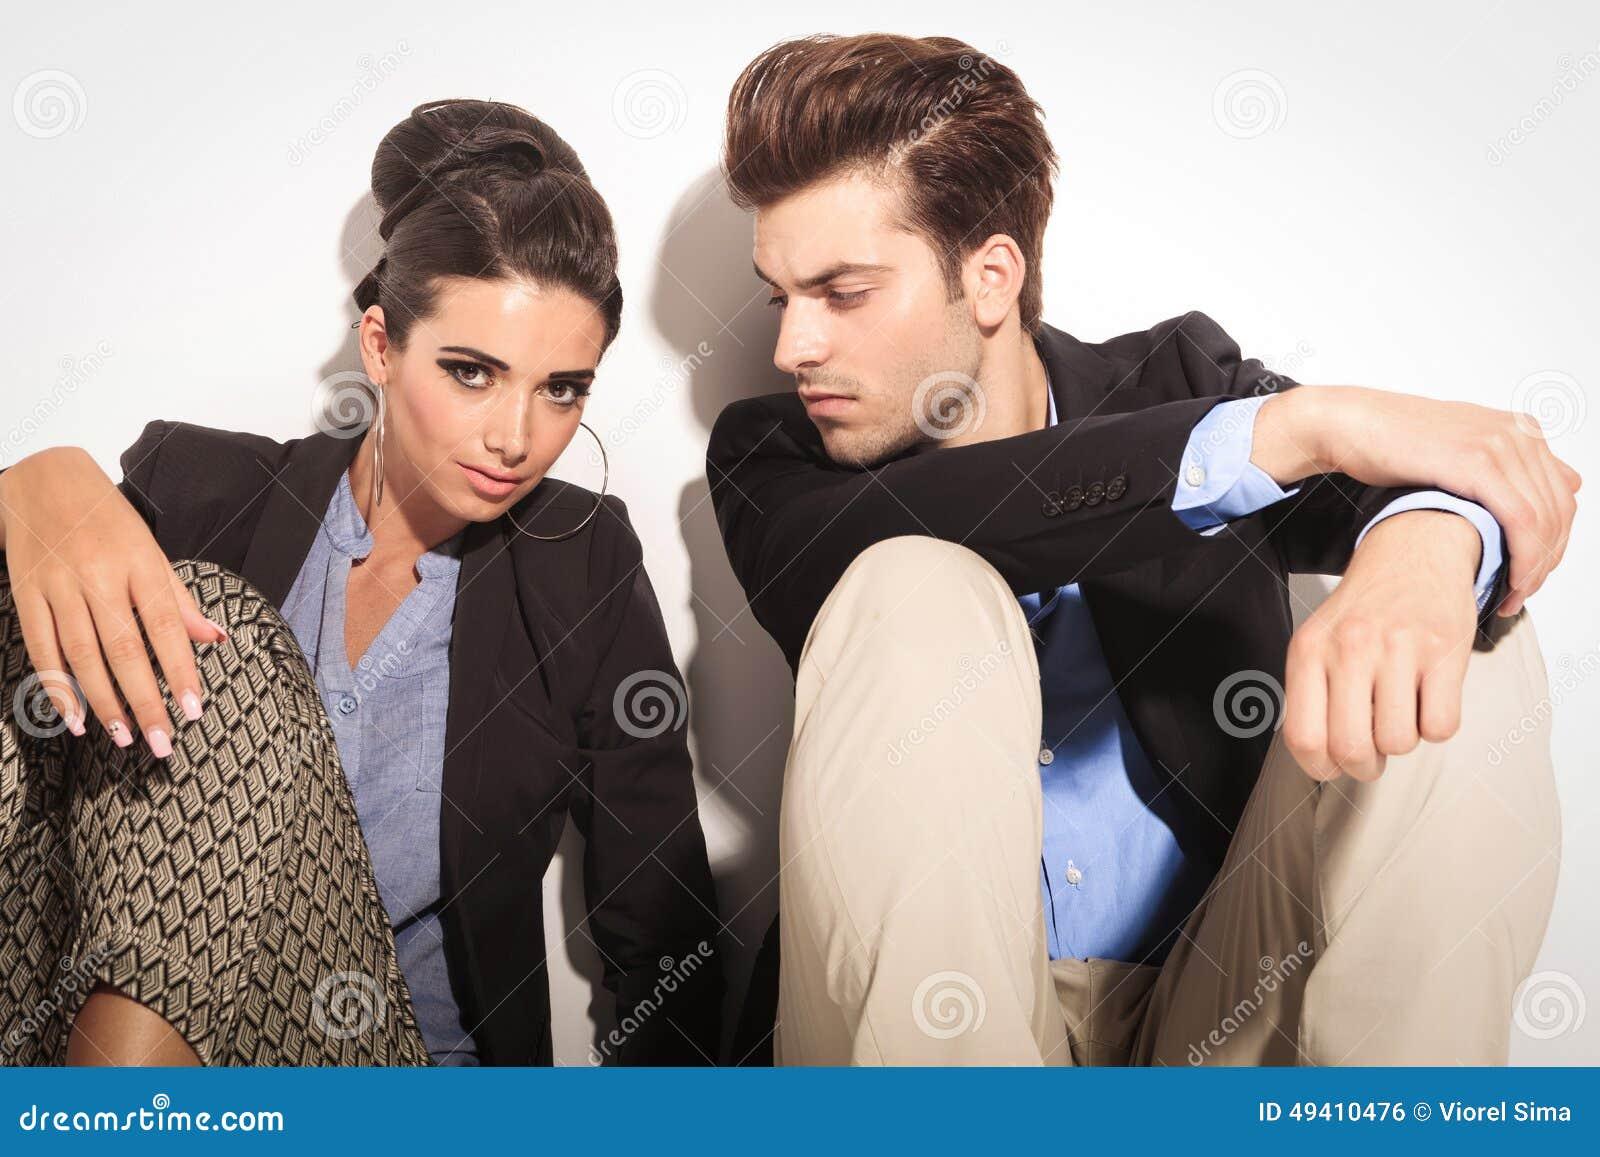 Download Junge Modepaare, Die Auf Dem Boden Sitzen Stockfoto - Bild von seite, männer: 49410476